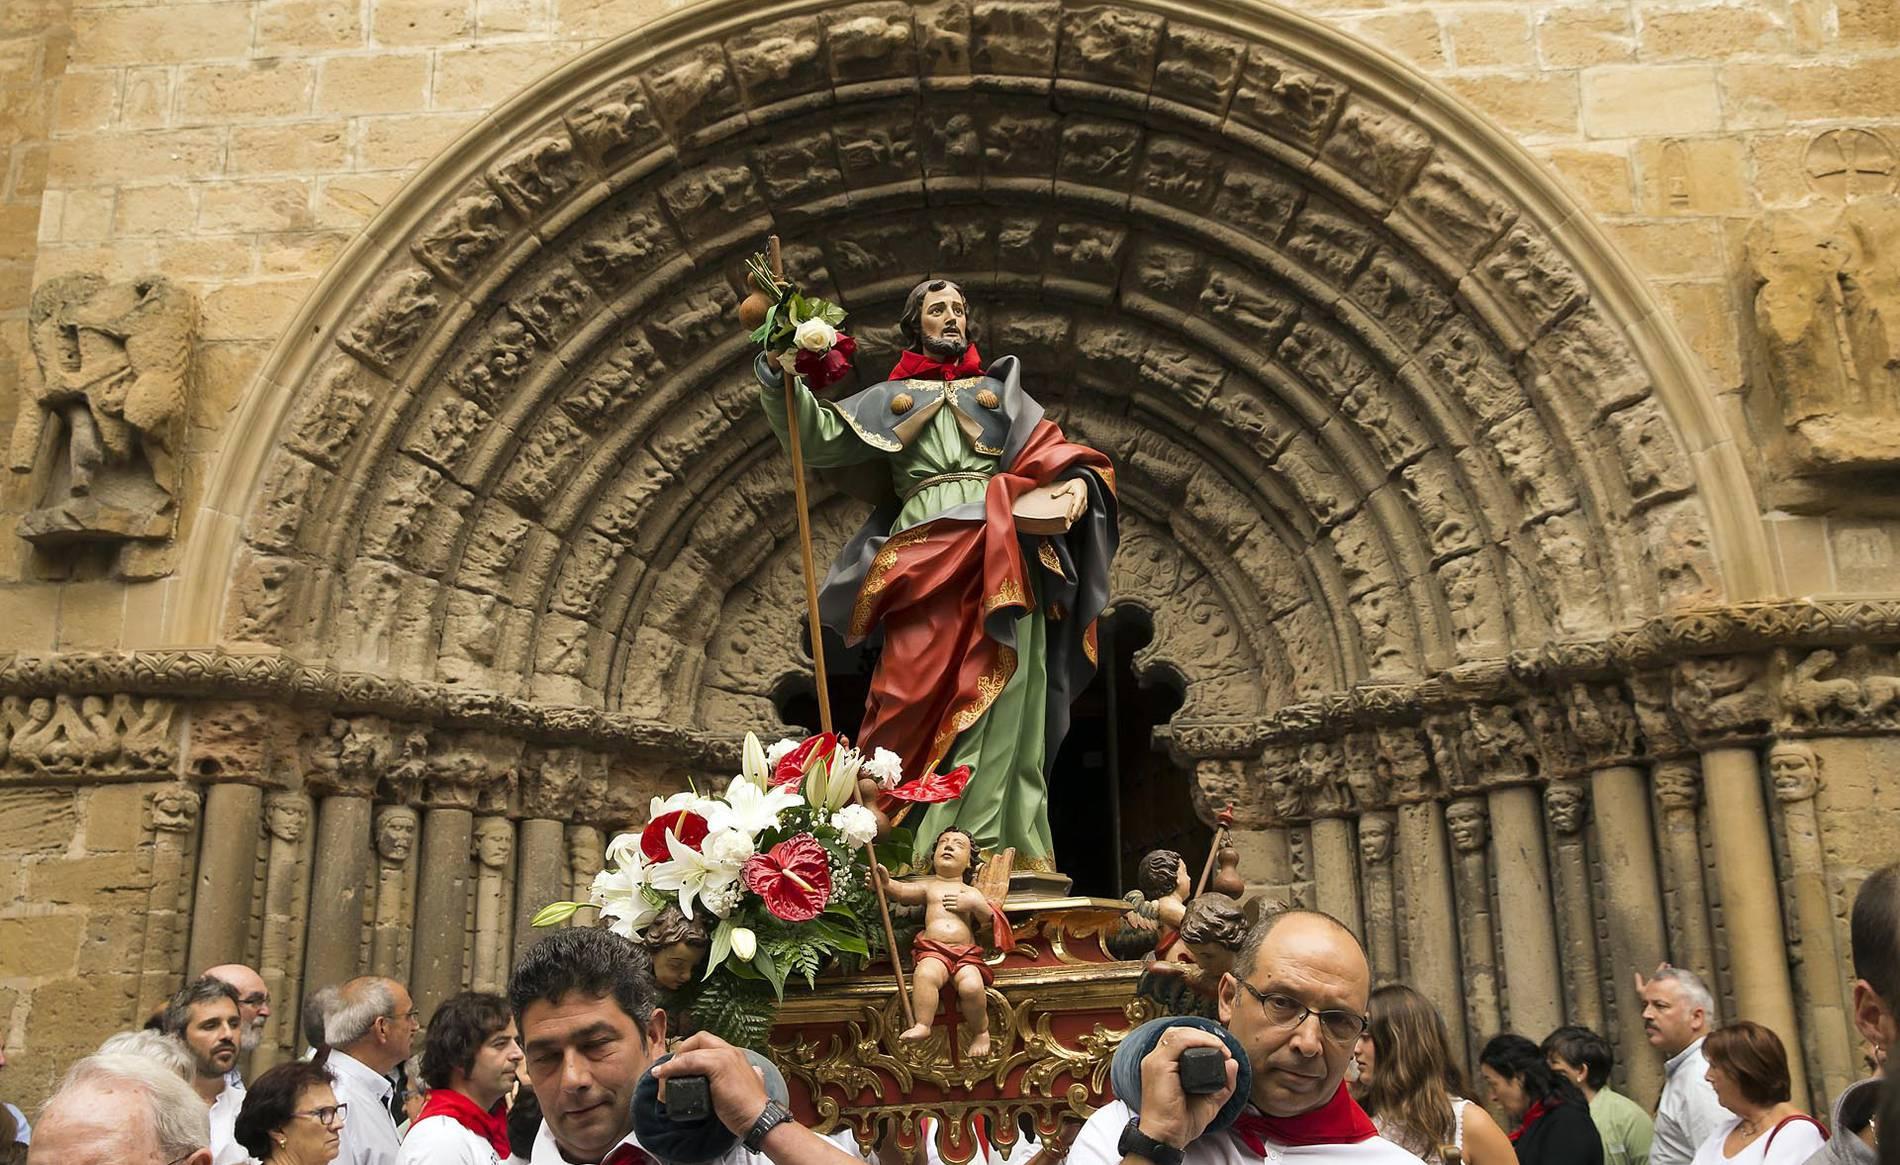 Procesión en honor a Santiago en Puente la Reina (1/16) - Procesión en honor a Santiago durante las fiestas de Puente la Reina - Contenidos -